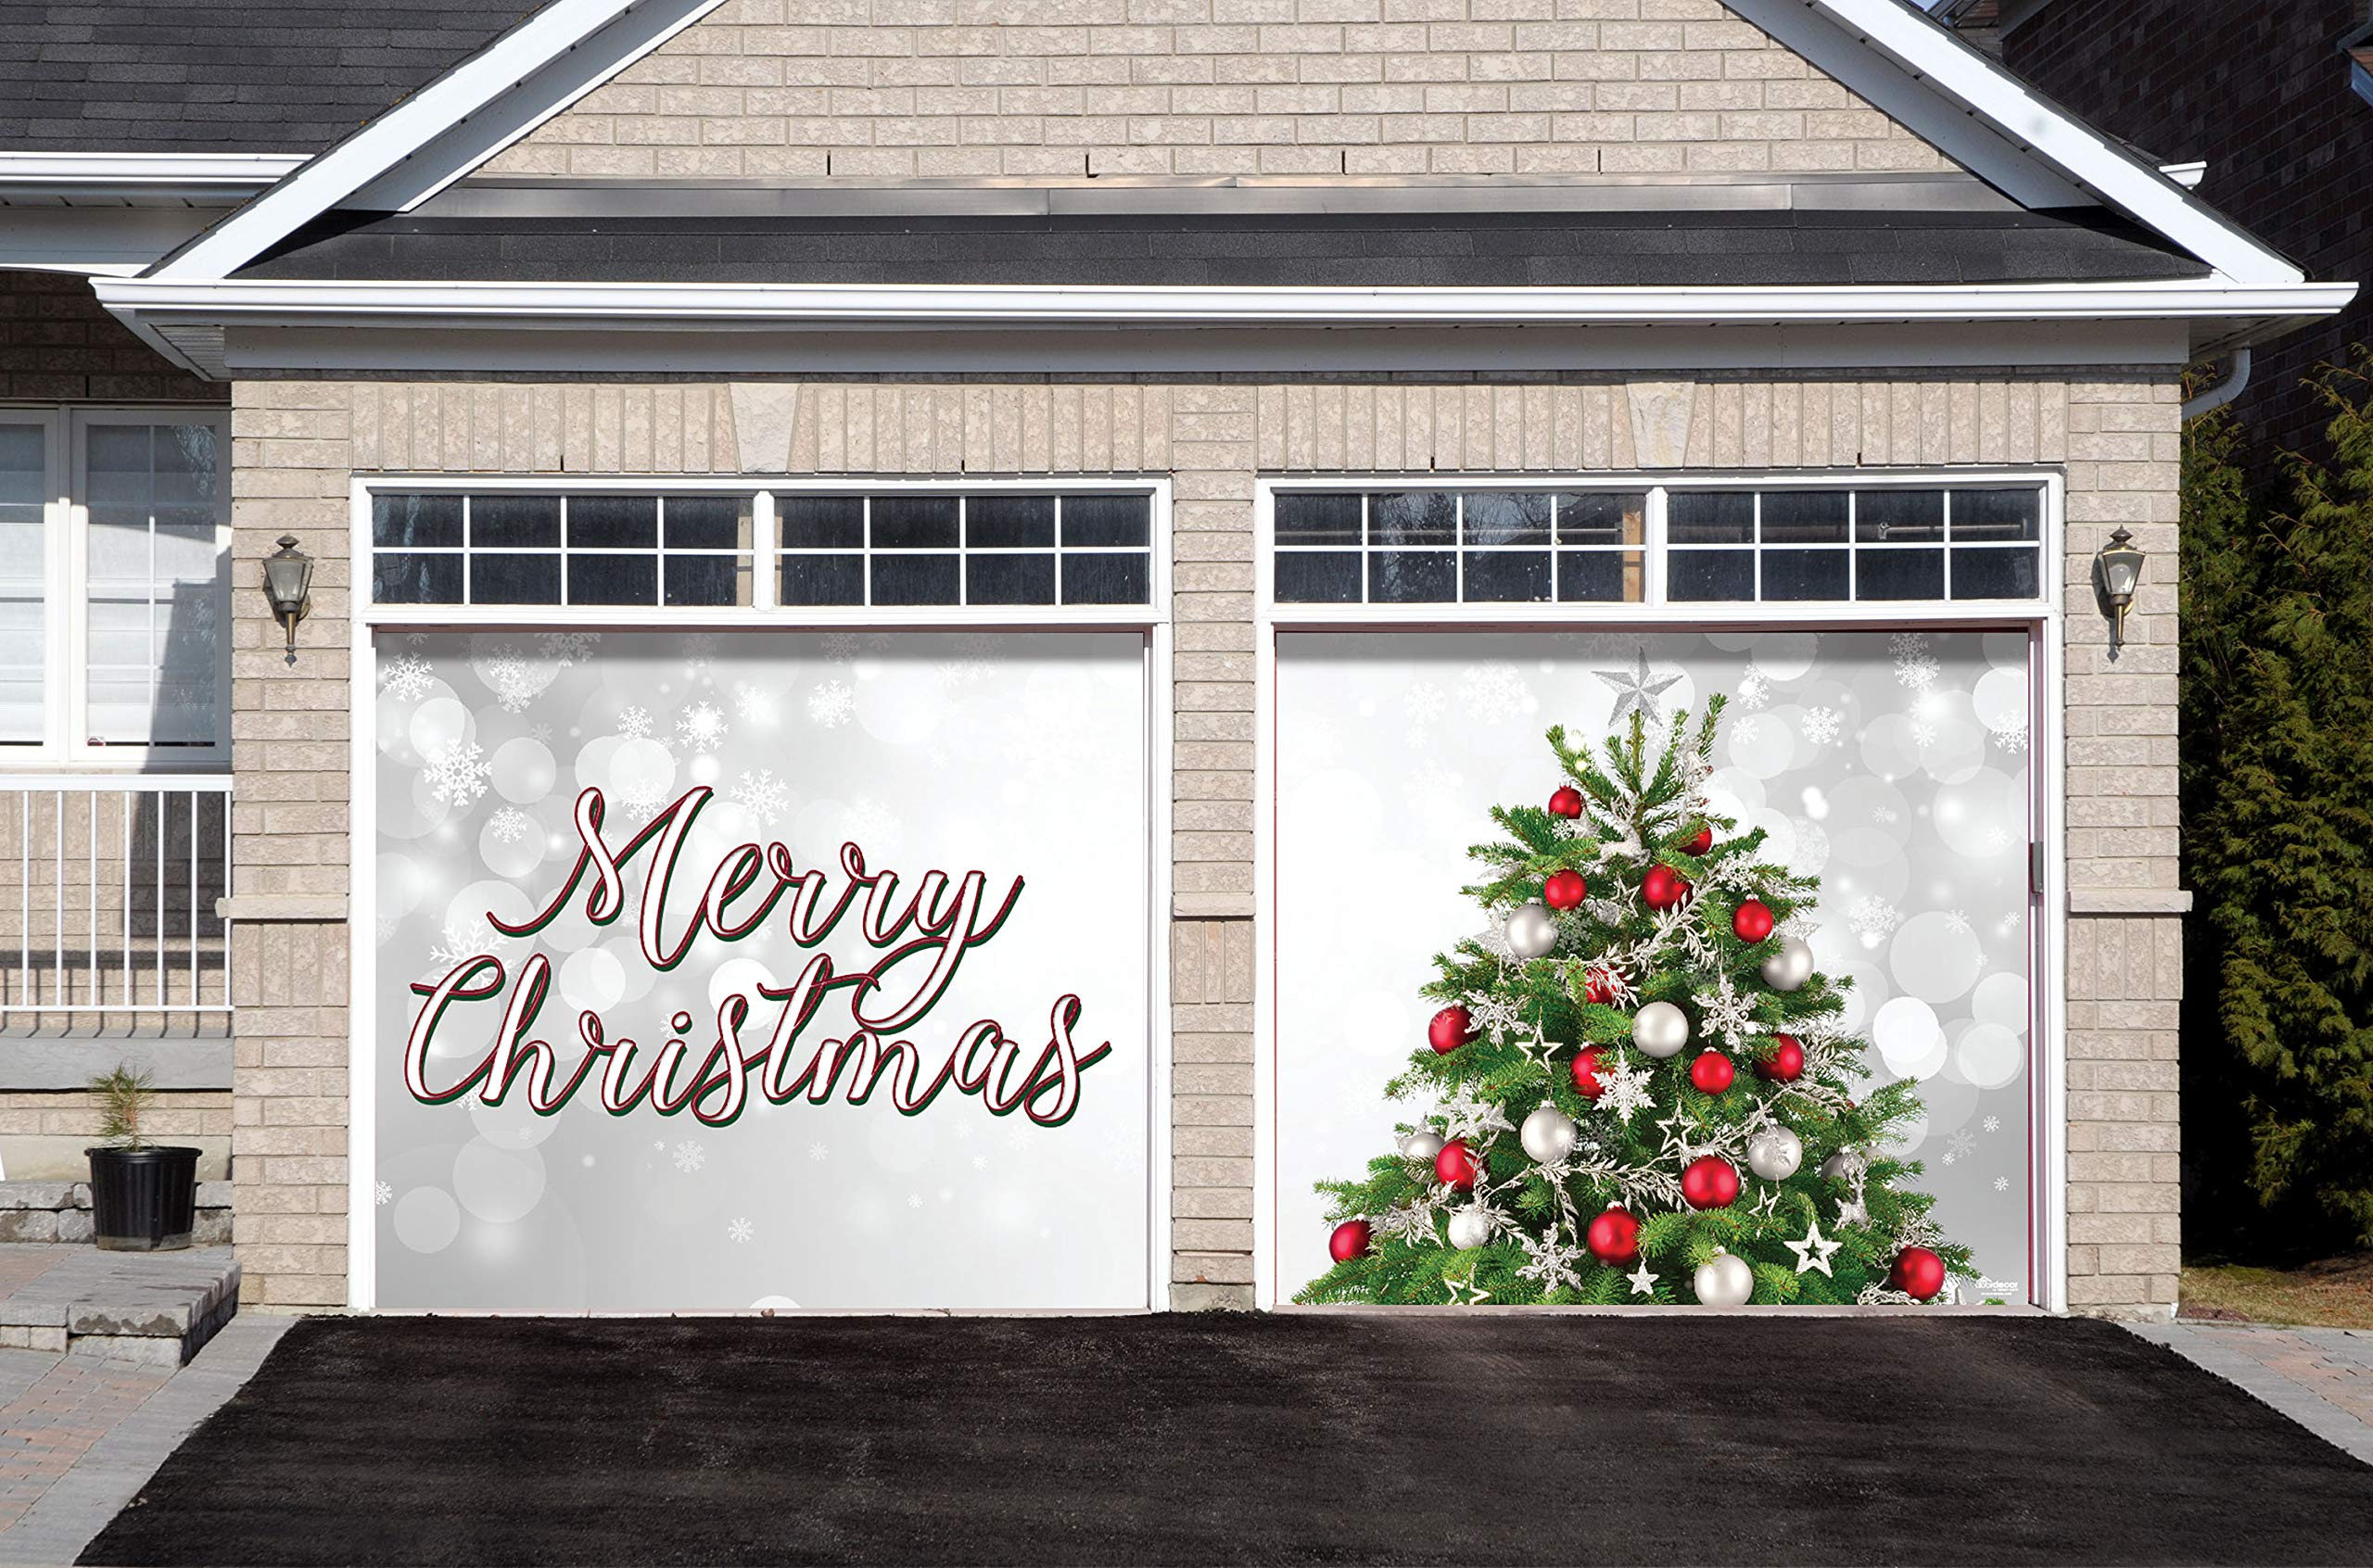 Victory Corps Merry Christmas Tree - Christmas Garage Door Banner Mural Sign Décor 7'x 8' Split Car Garage - The Original Holiday Garage Door Banner Decor